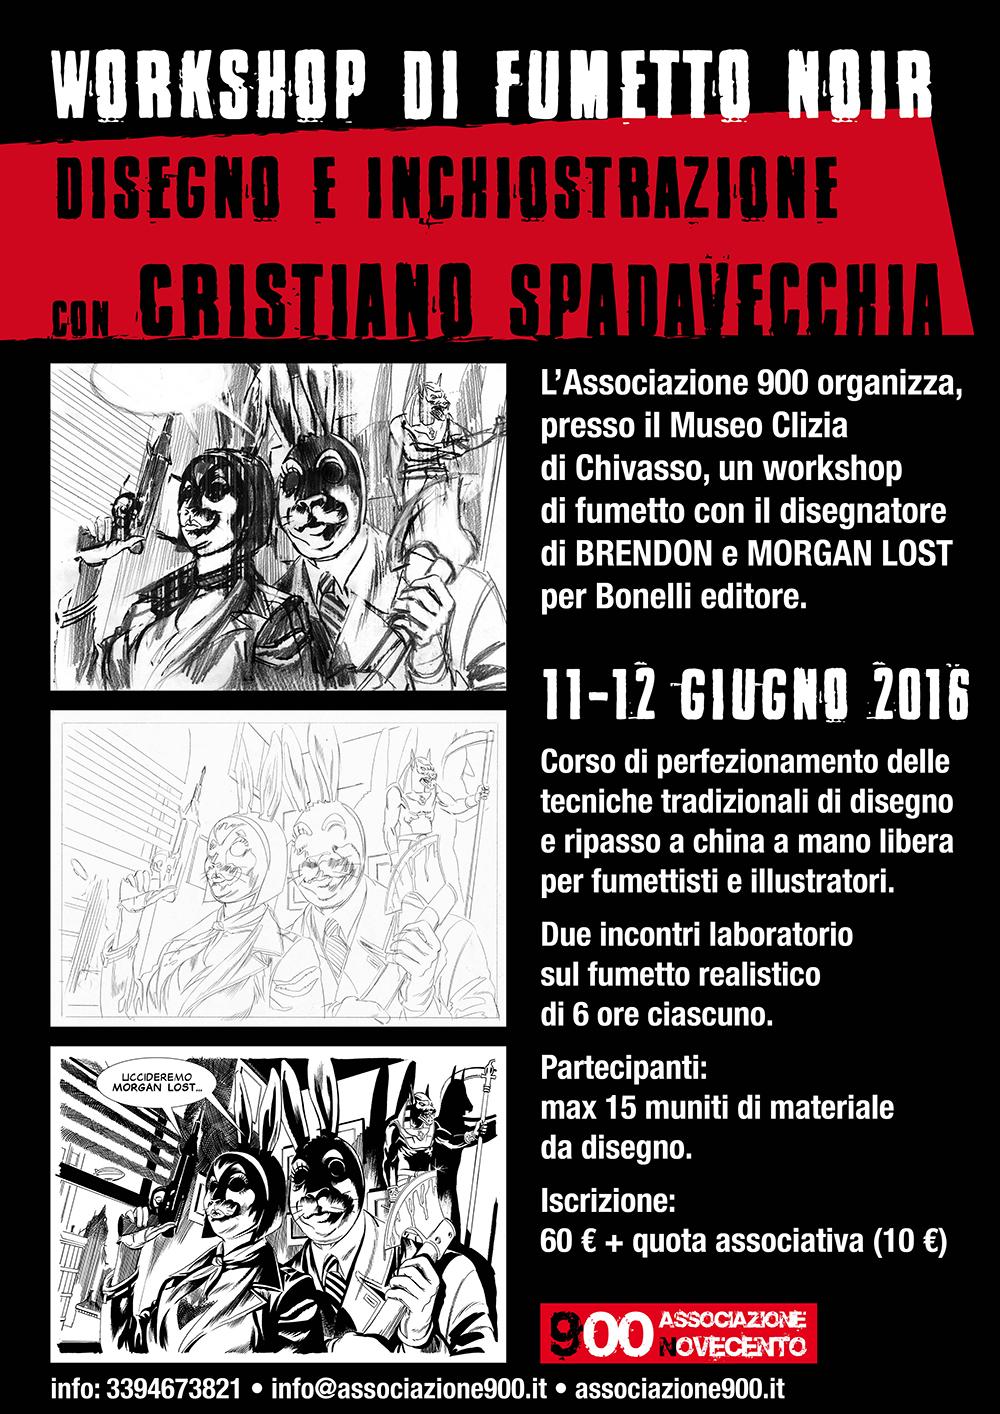 Workshop di Fumetto Noir con Cristiano Spadavecchia